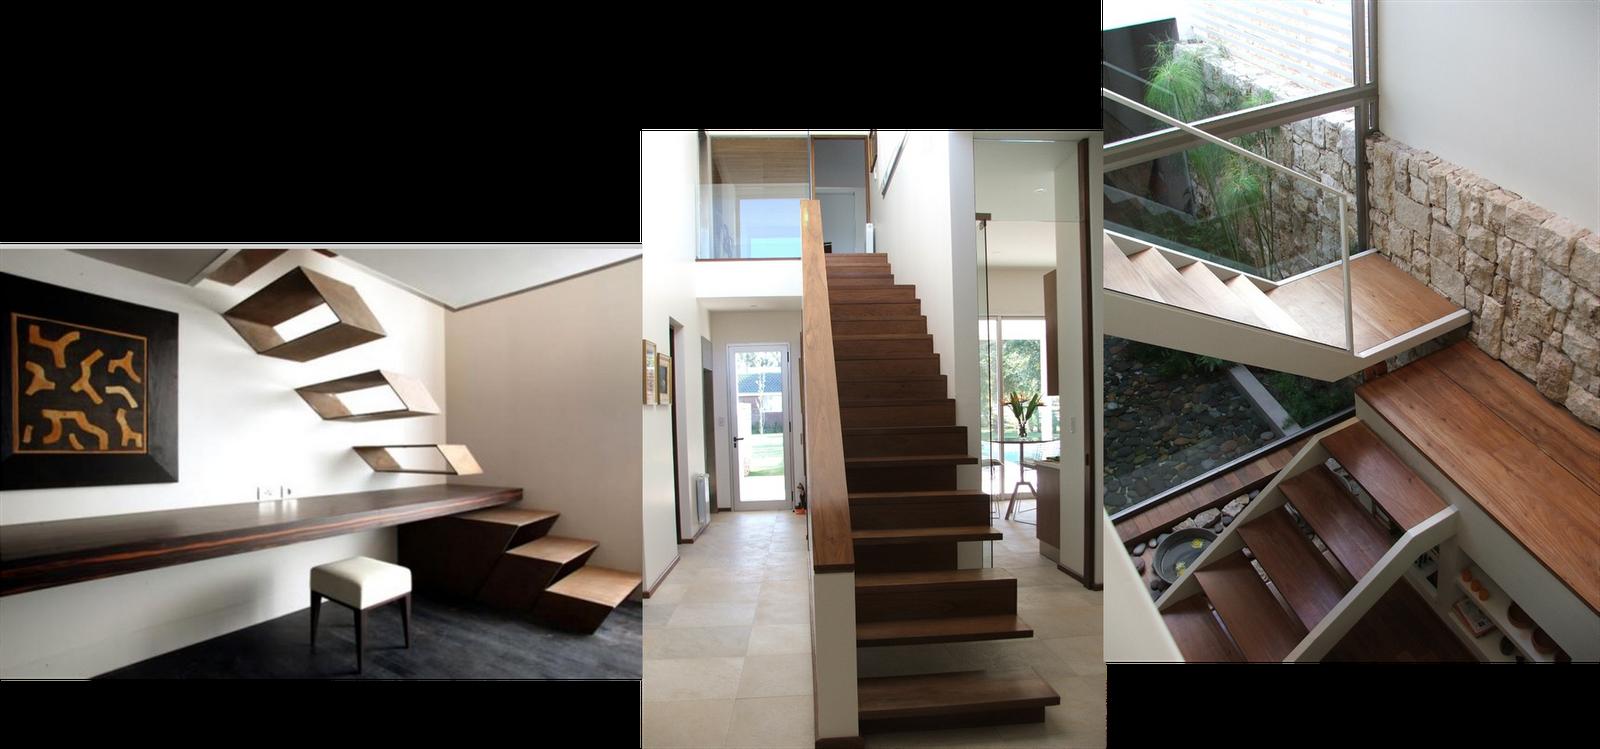 Construcci n acabados escaleras for Construccion de escaleras de cemento